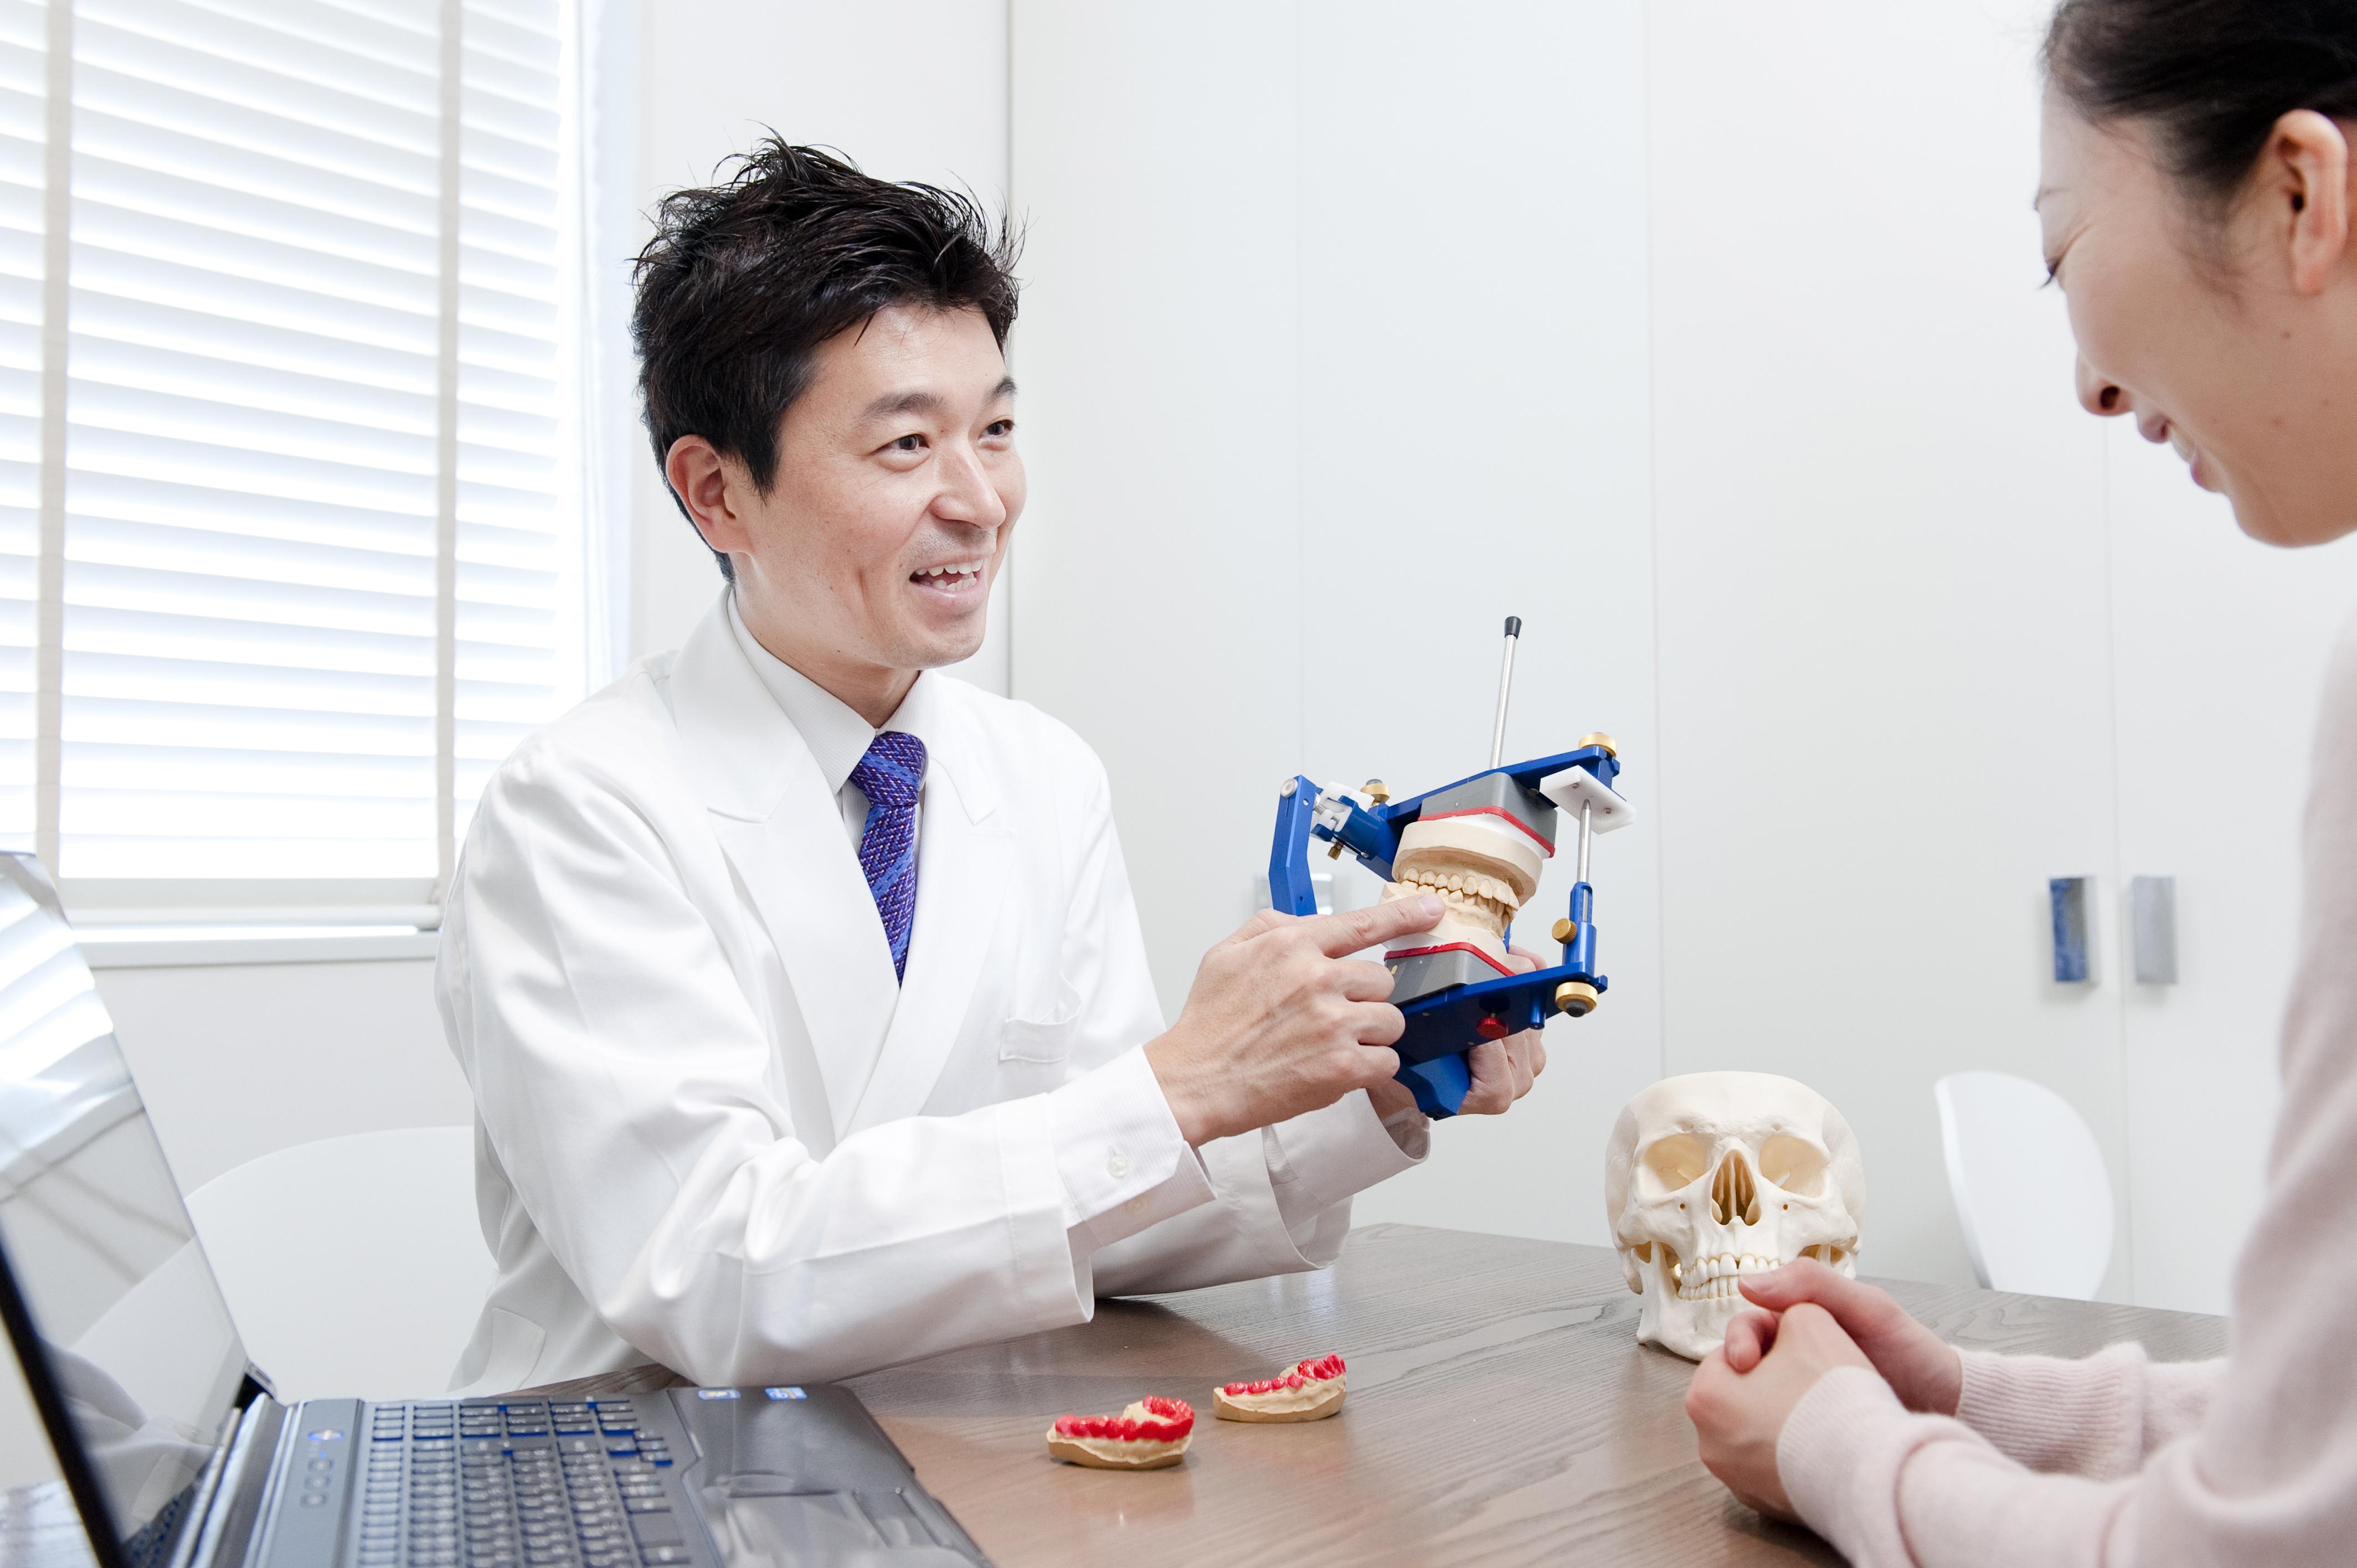 医療法人社団 栗林歯科医院様 (47)